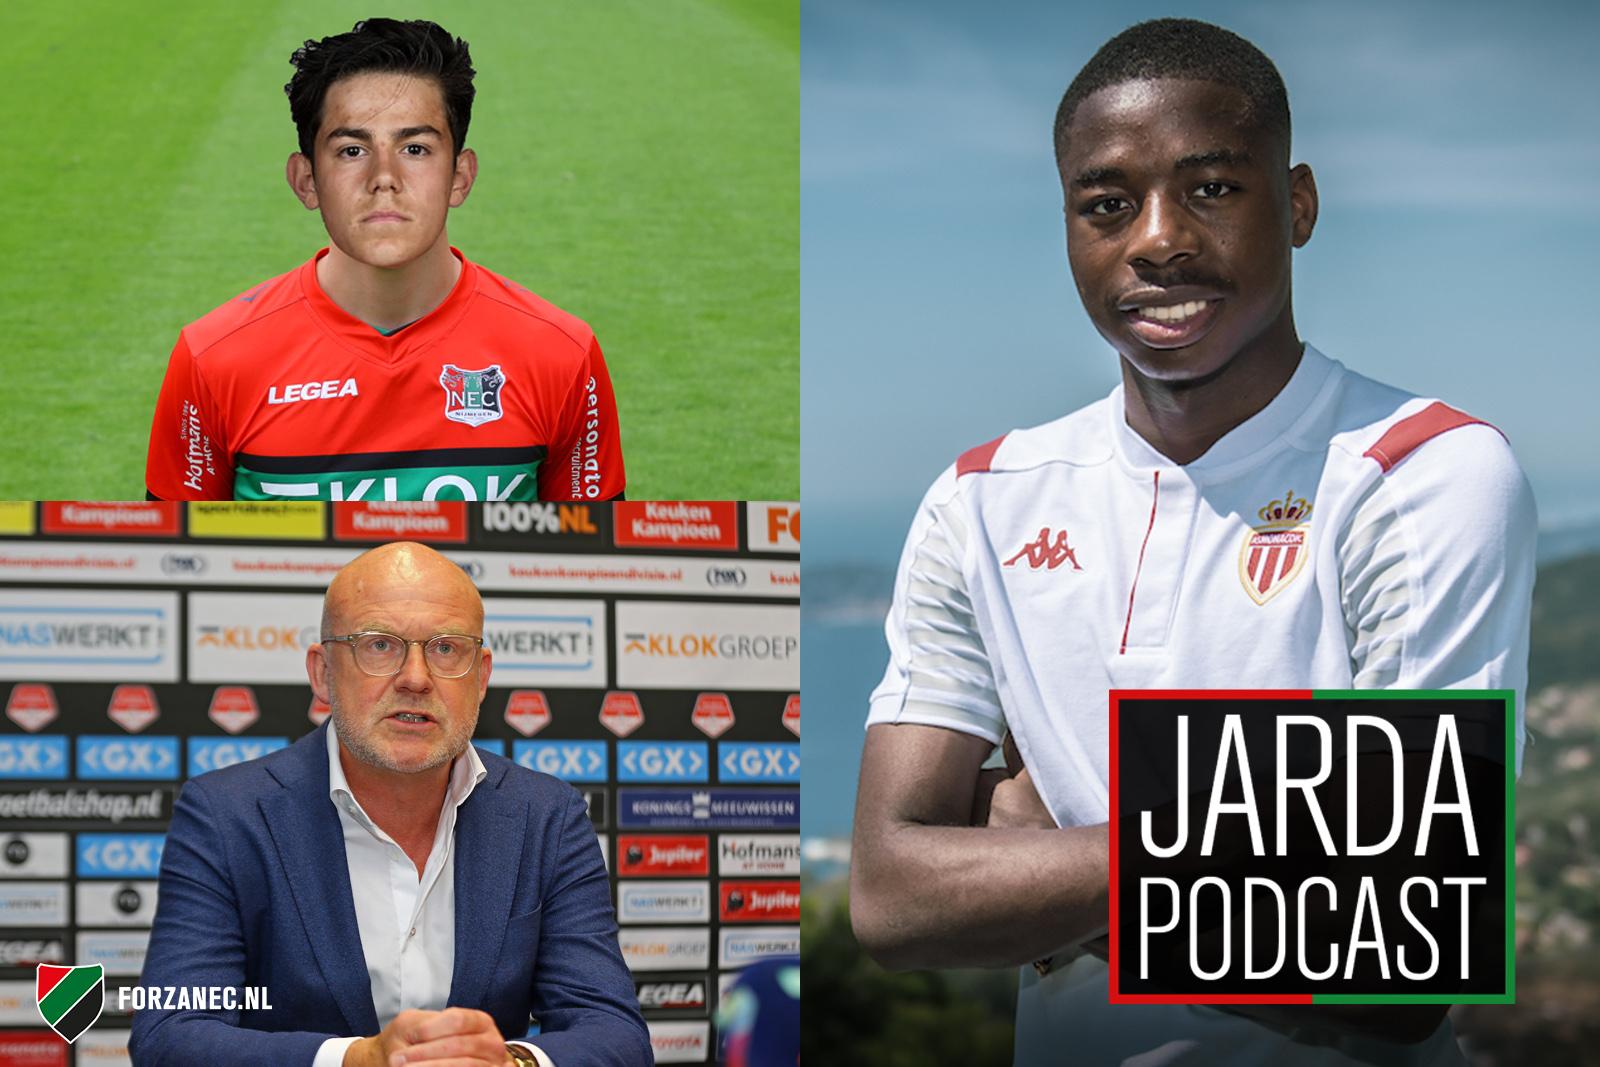 Jarda Podcast #44: Wat te doen met het geld van Monaco?